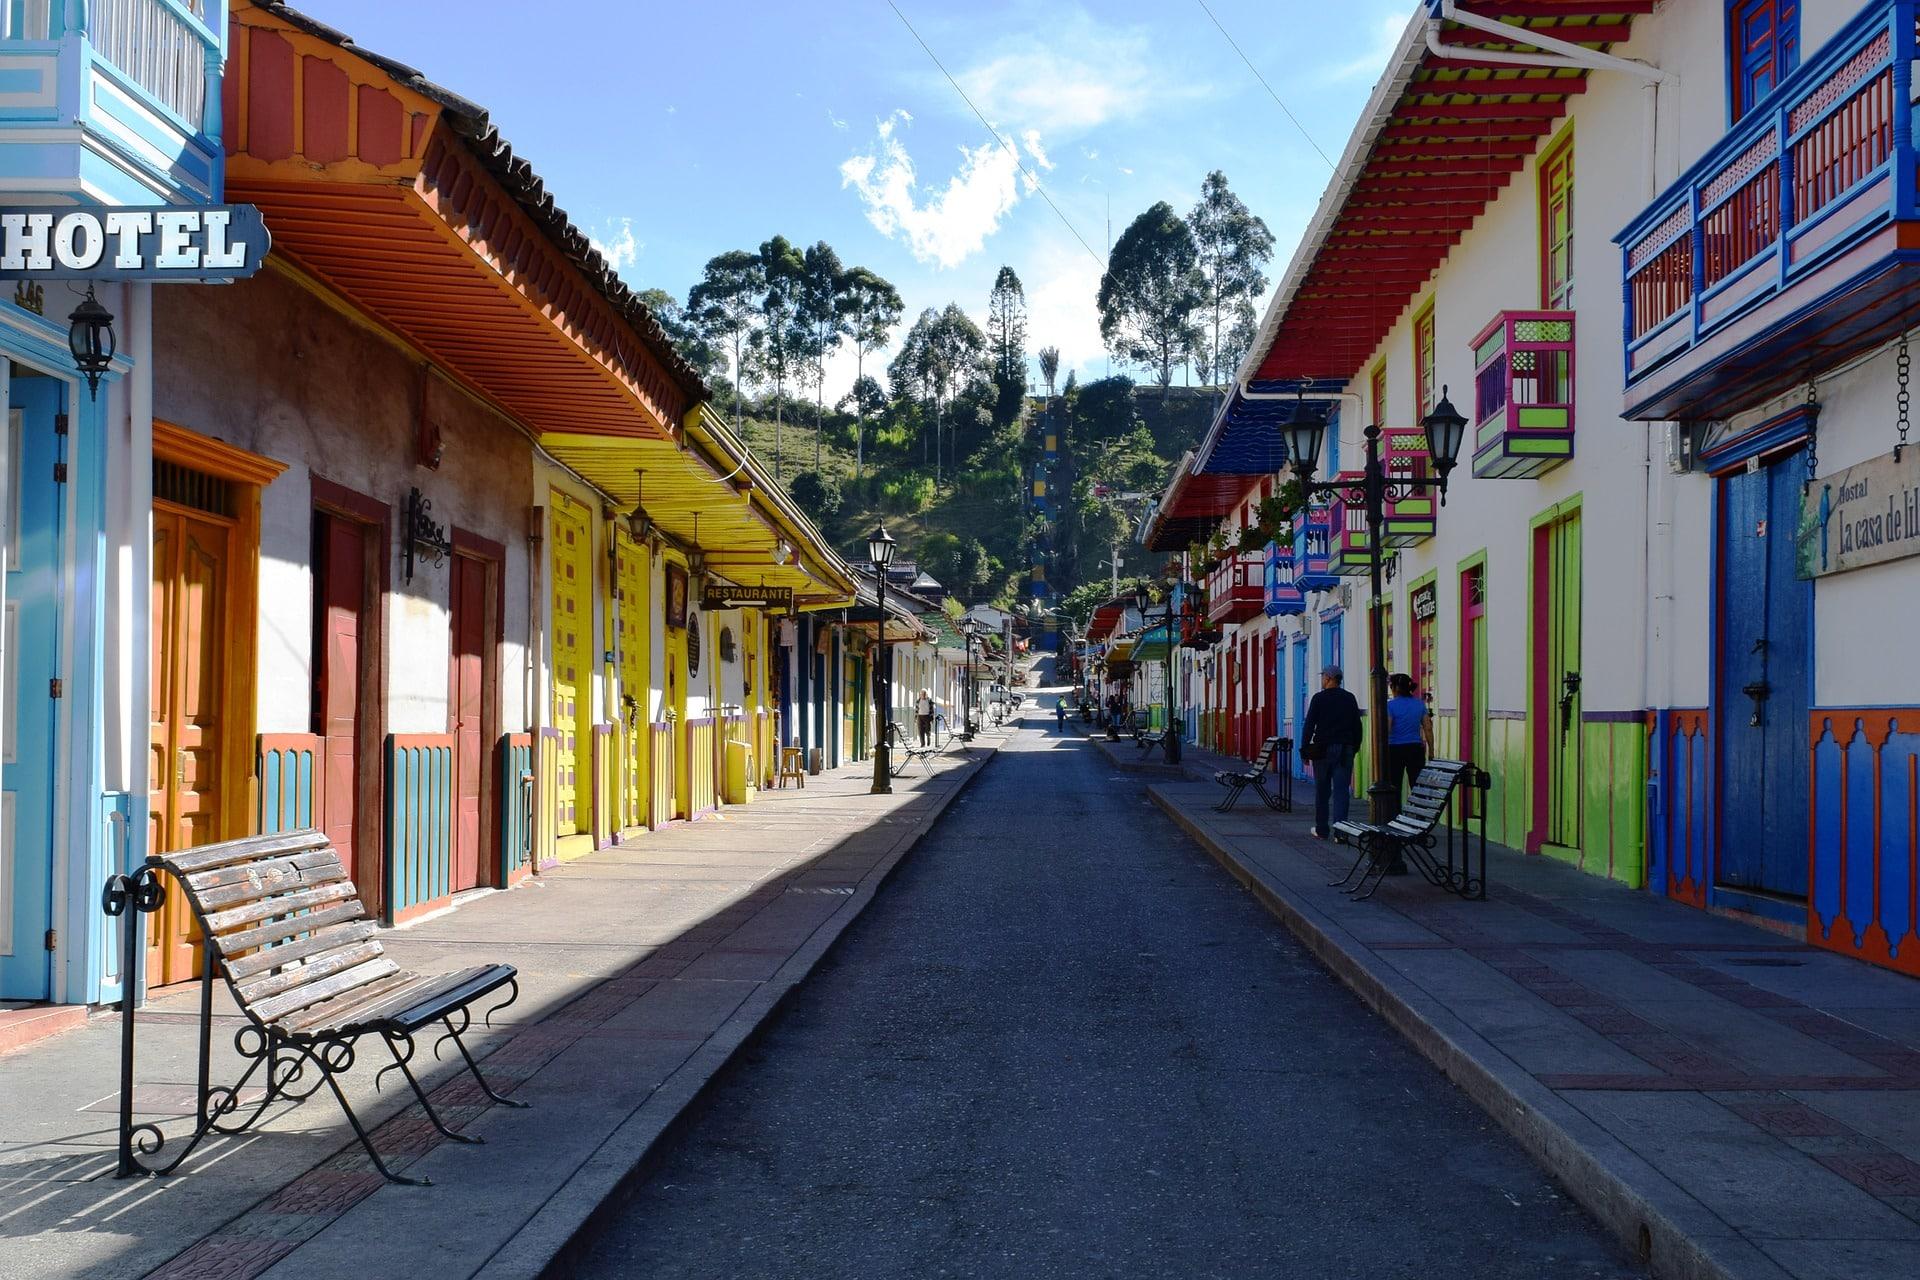 Salento Et Ses Maisons De Toutes Les Couleurs, Colombie